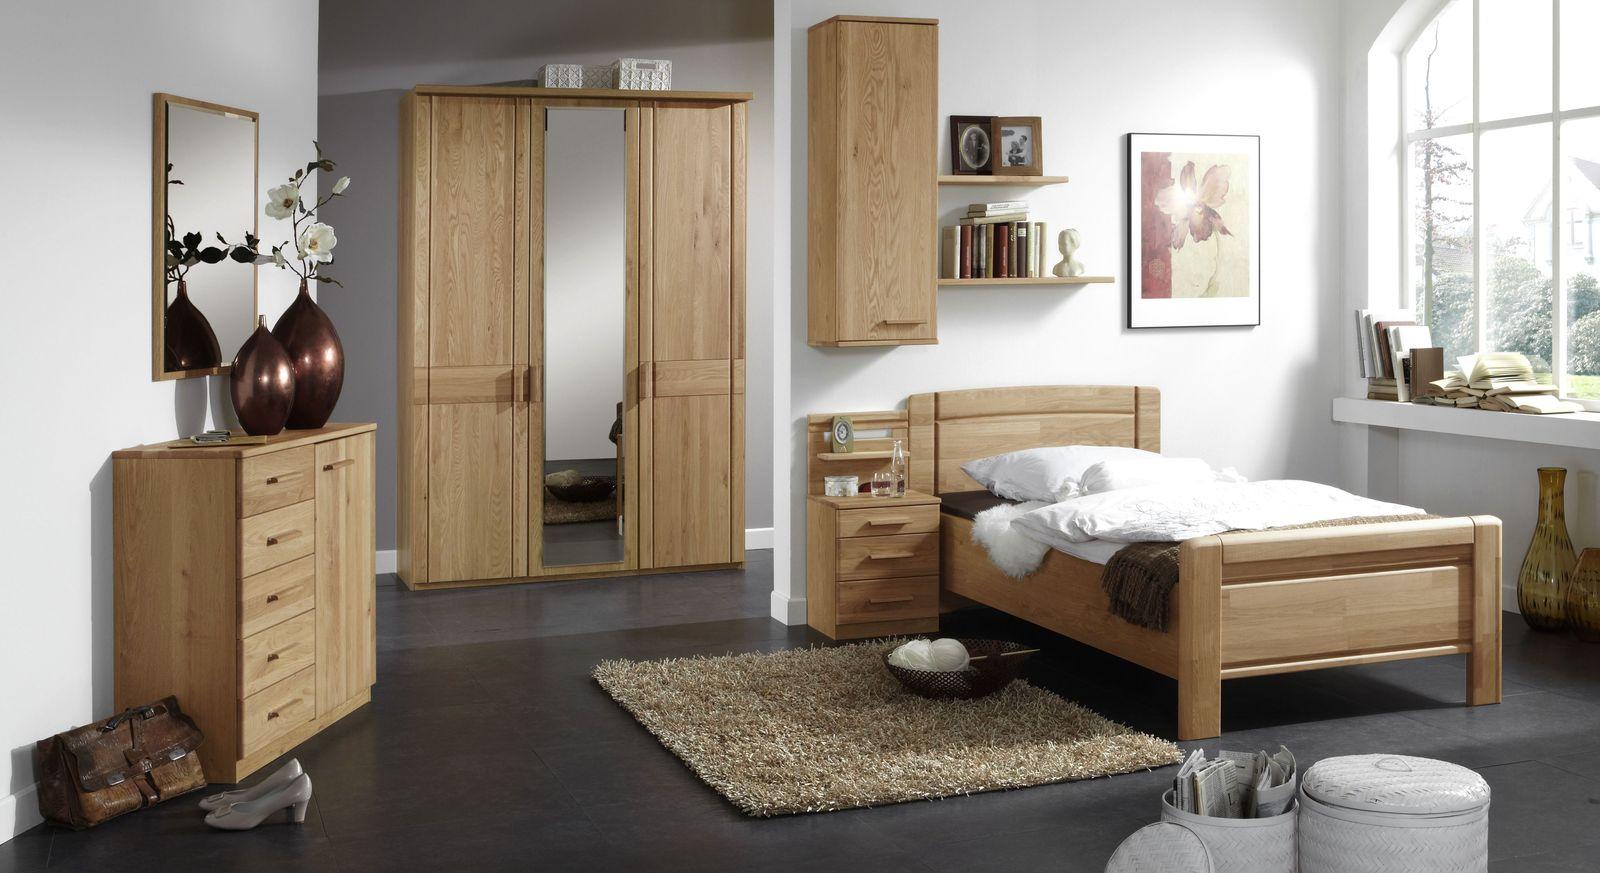 klassisches schlafzimmer f r senioren eiche teilmassiv. Black Bedroom Furniture Sets. Home Design Ideas